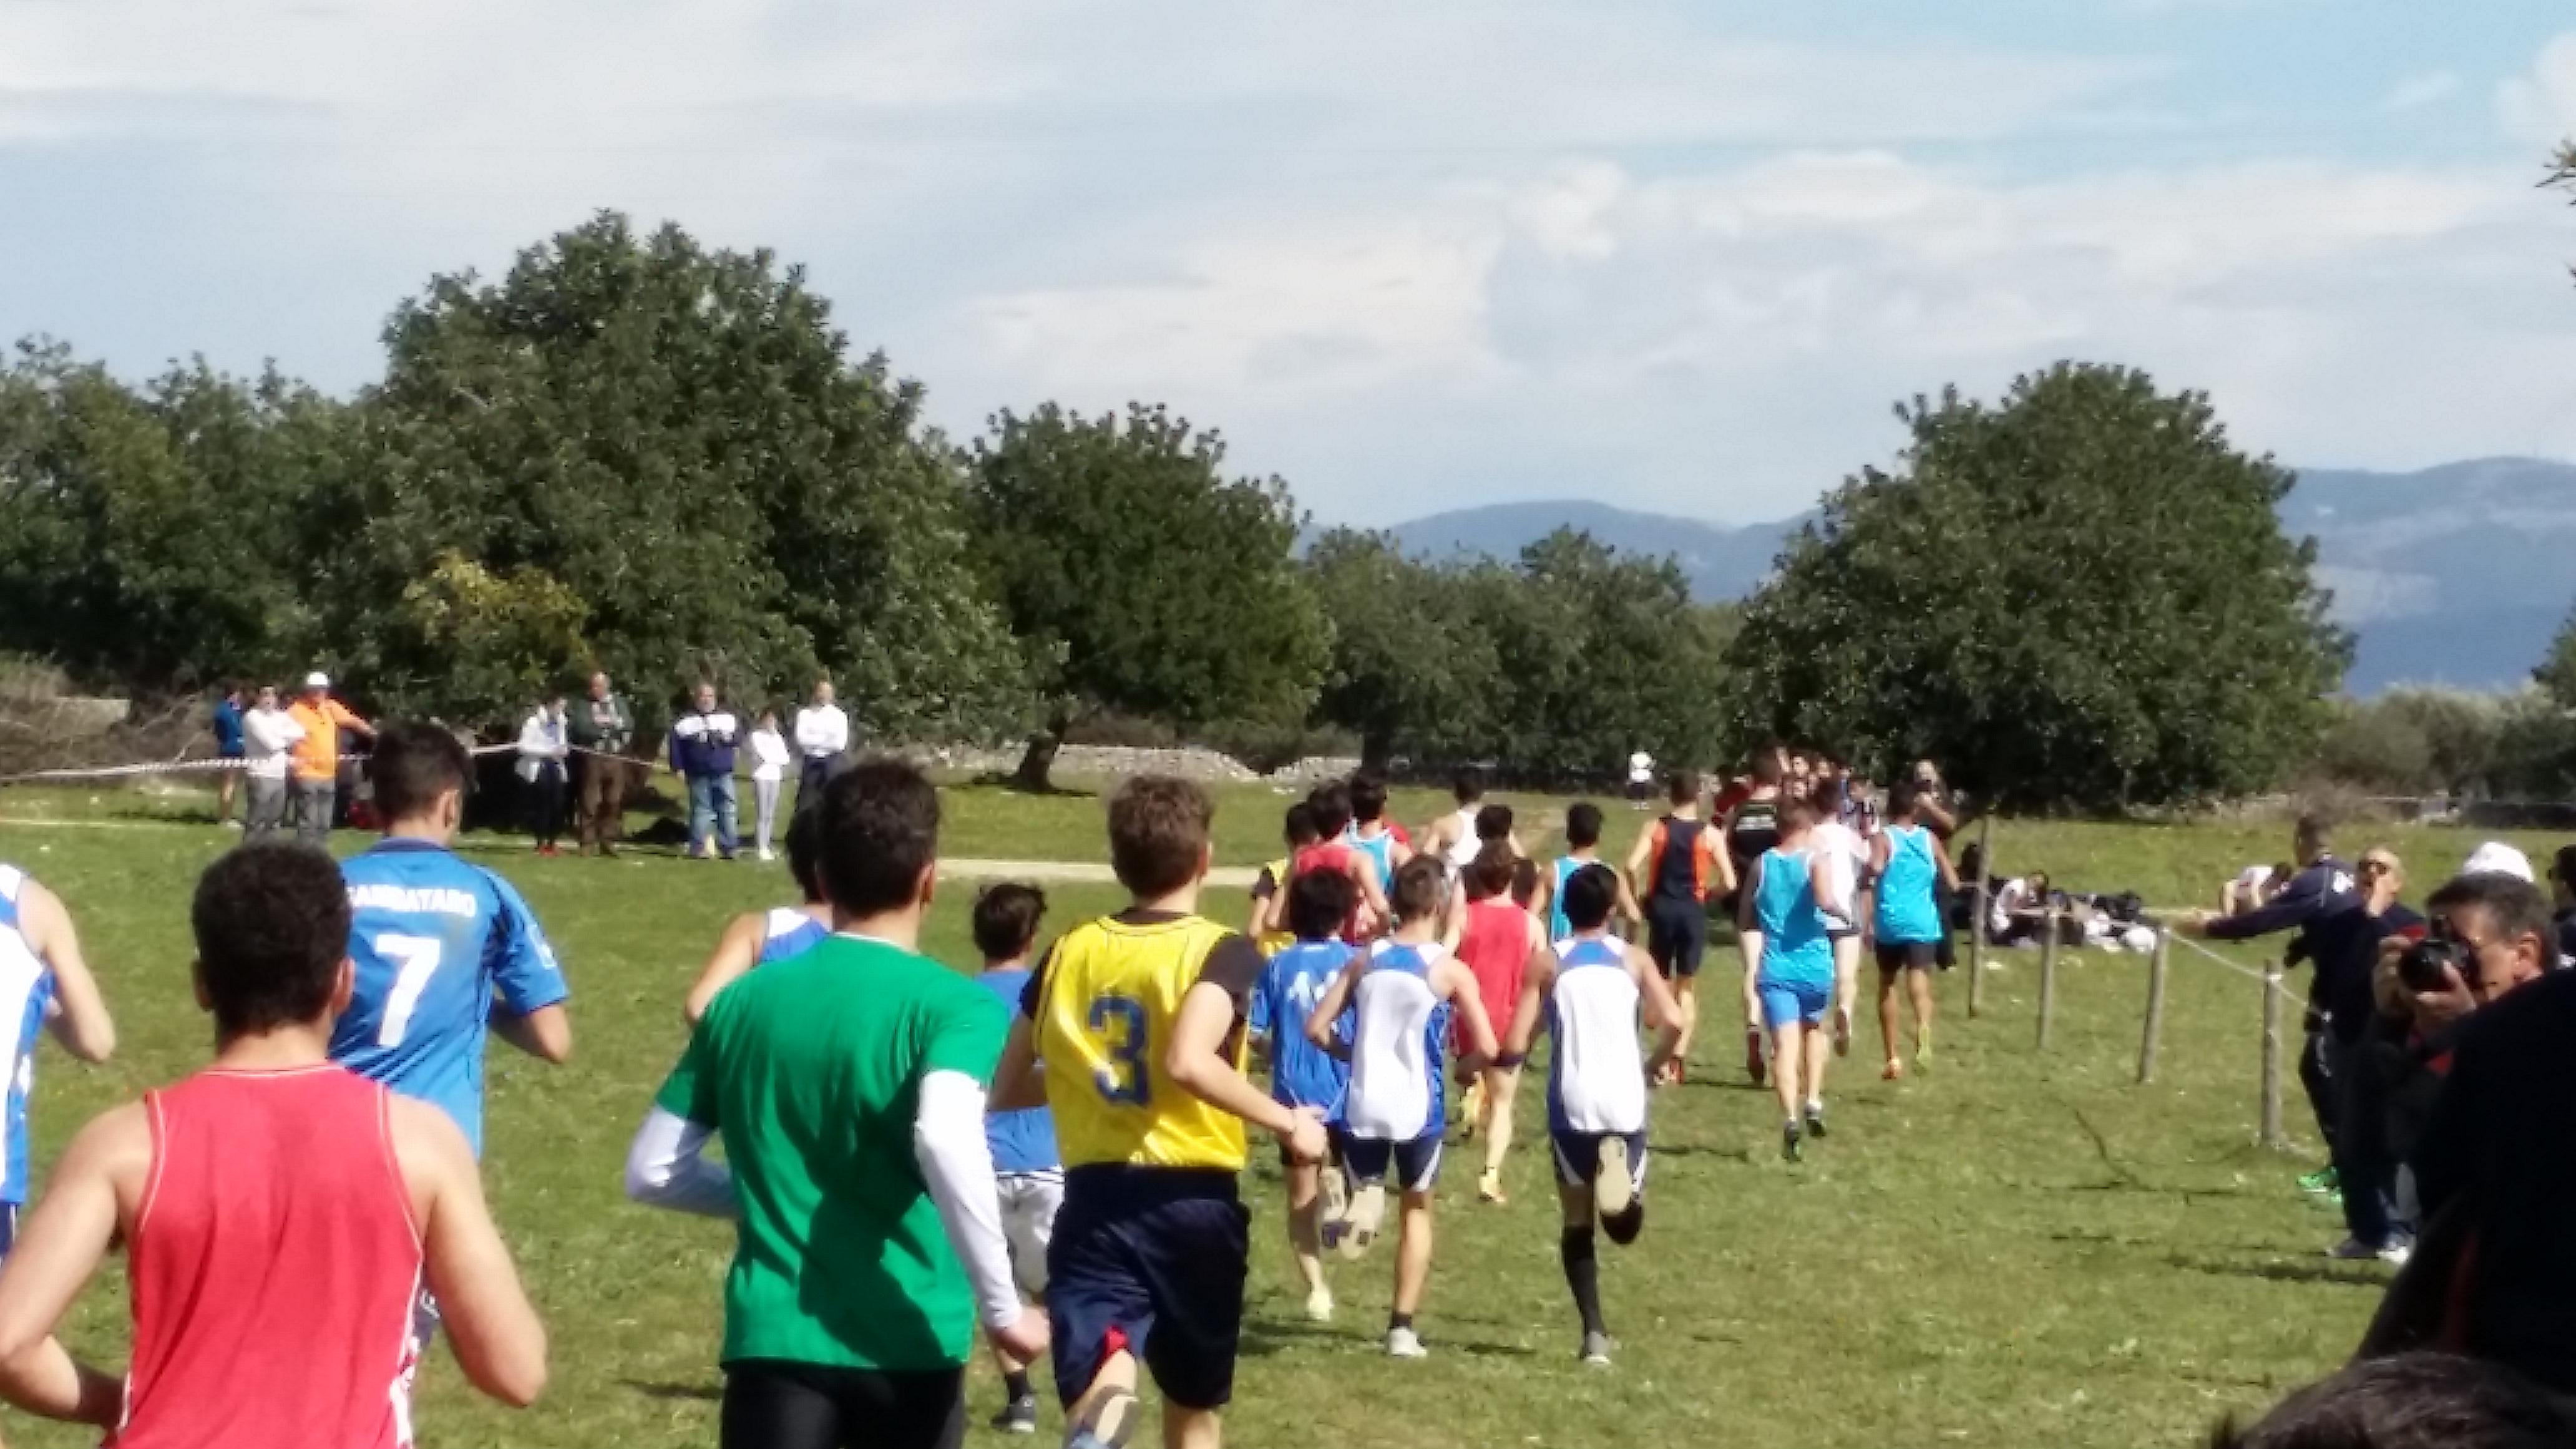 Campionati studenteschi di corsa campestre maschile6